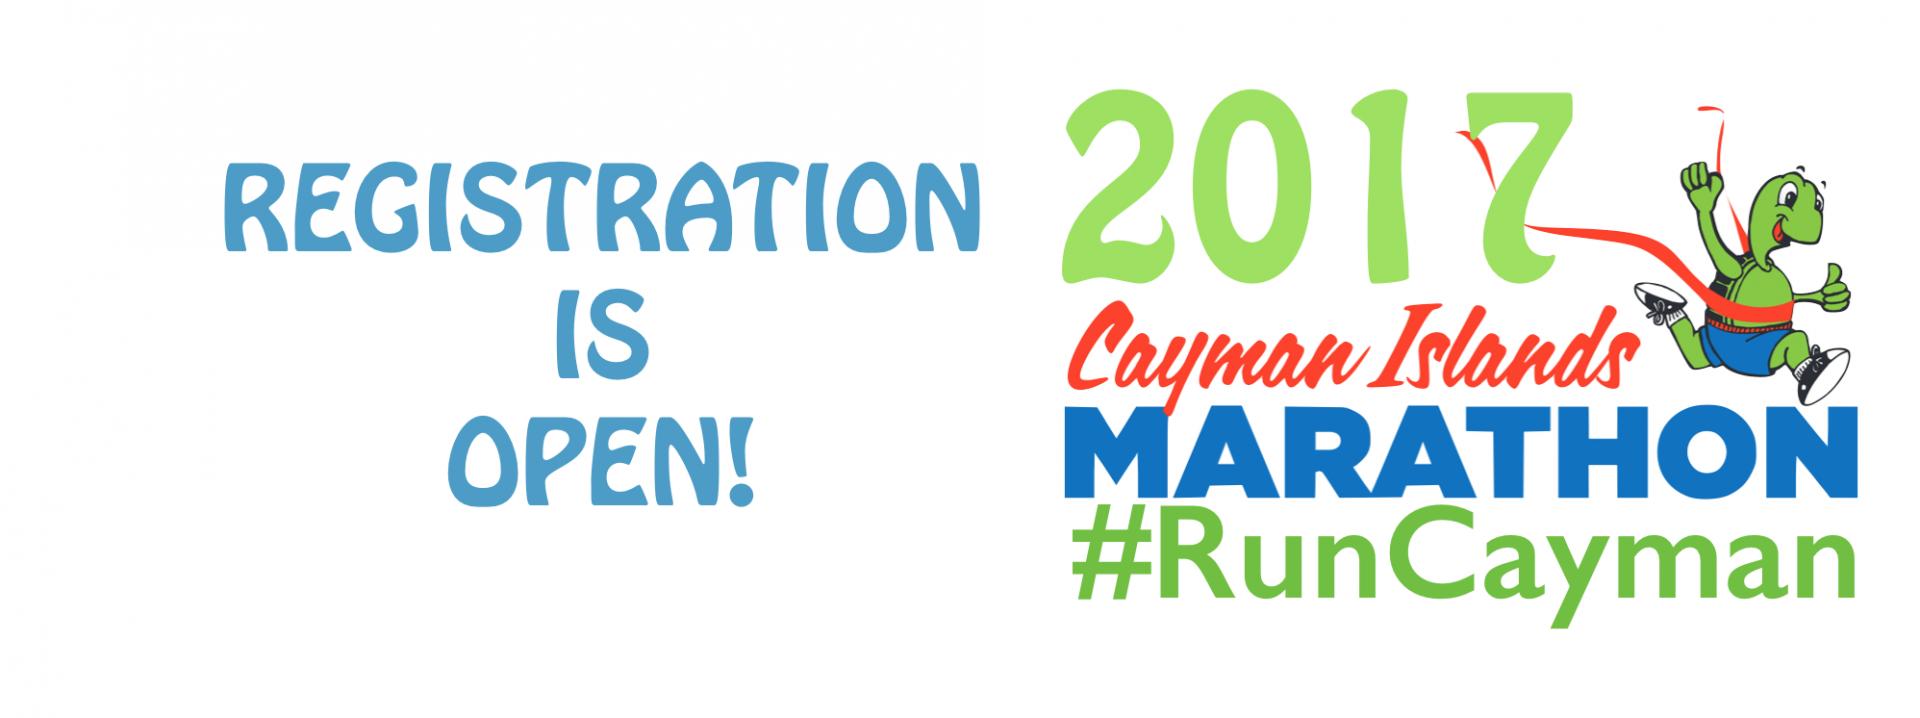 #RunCayman in 2017